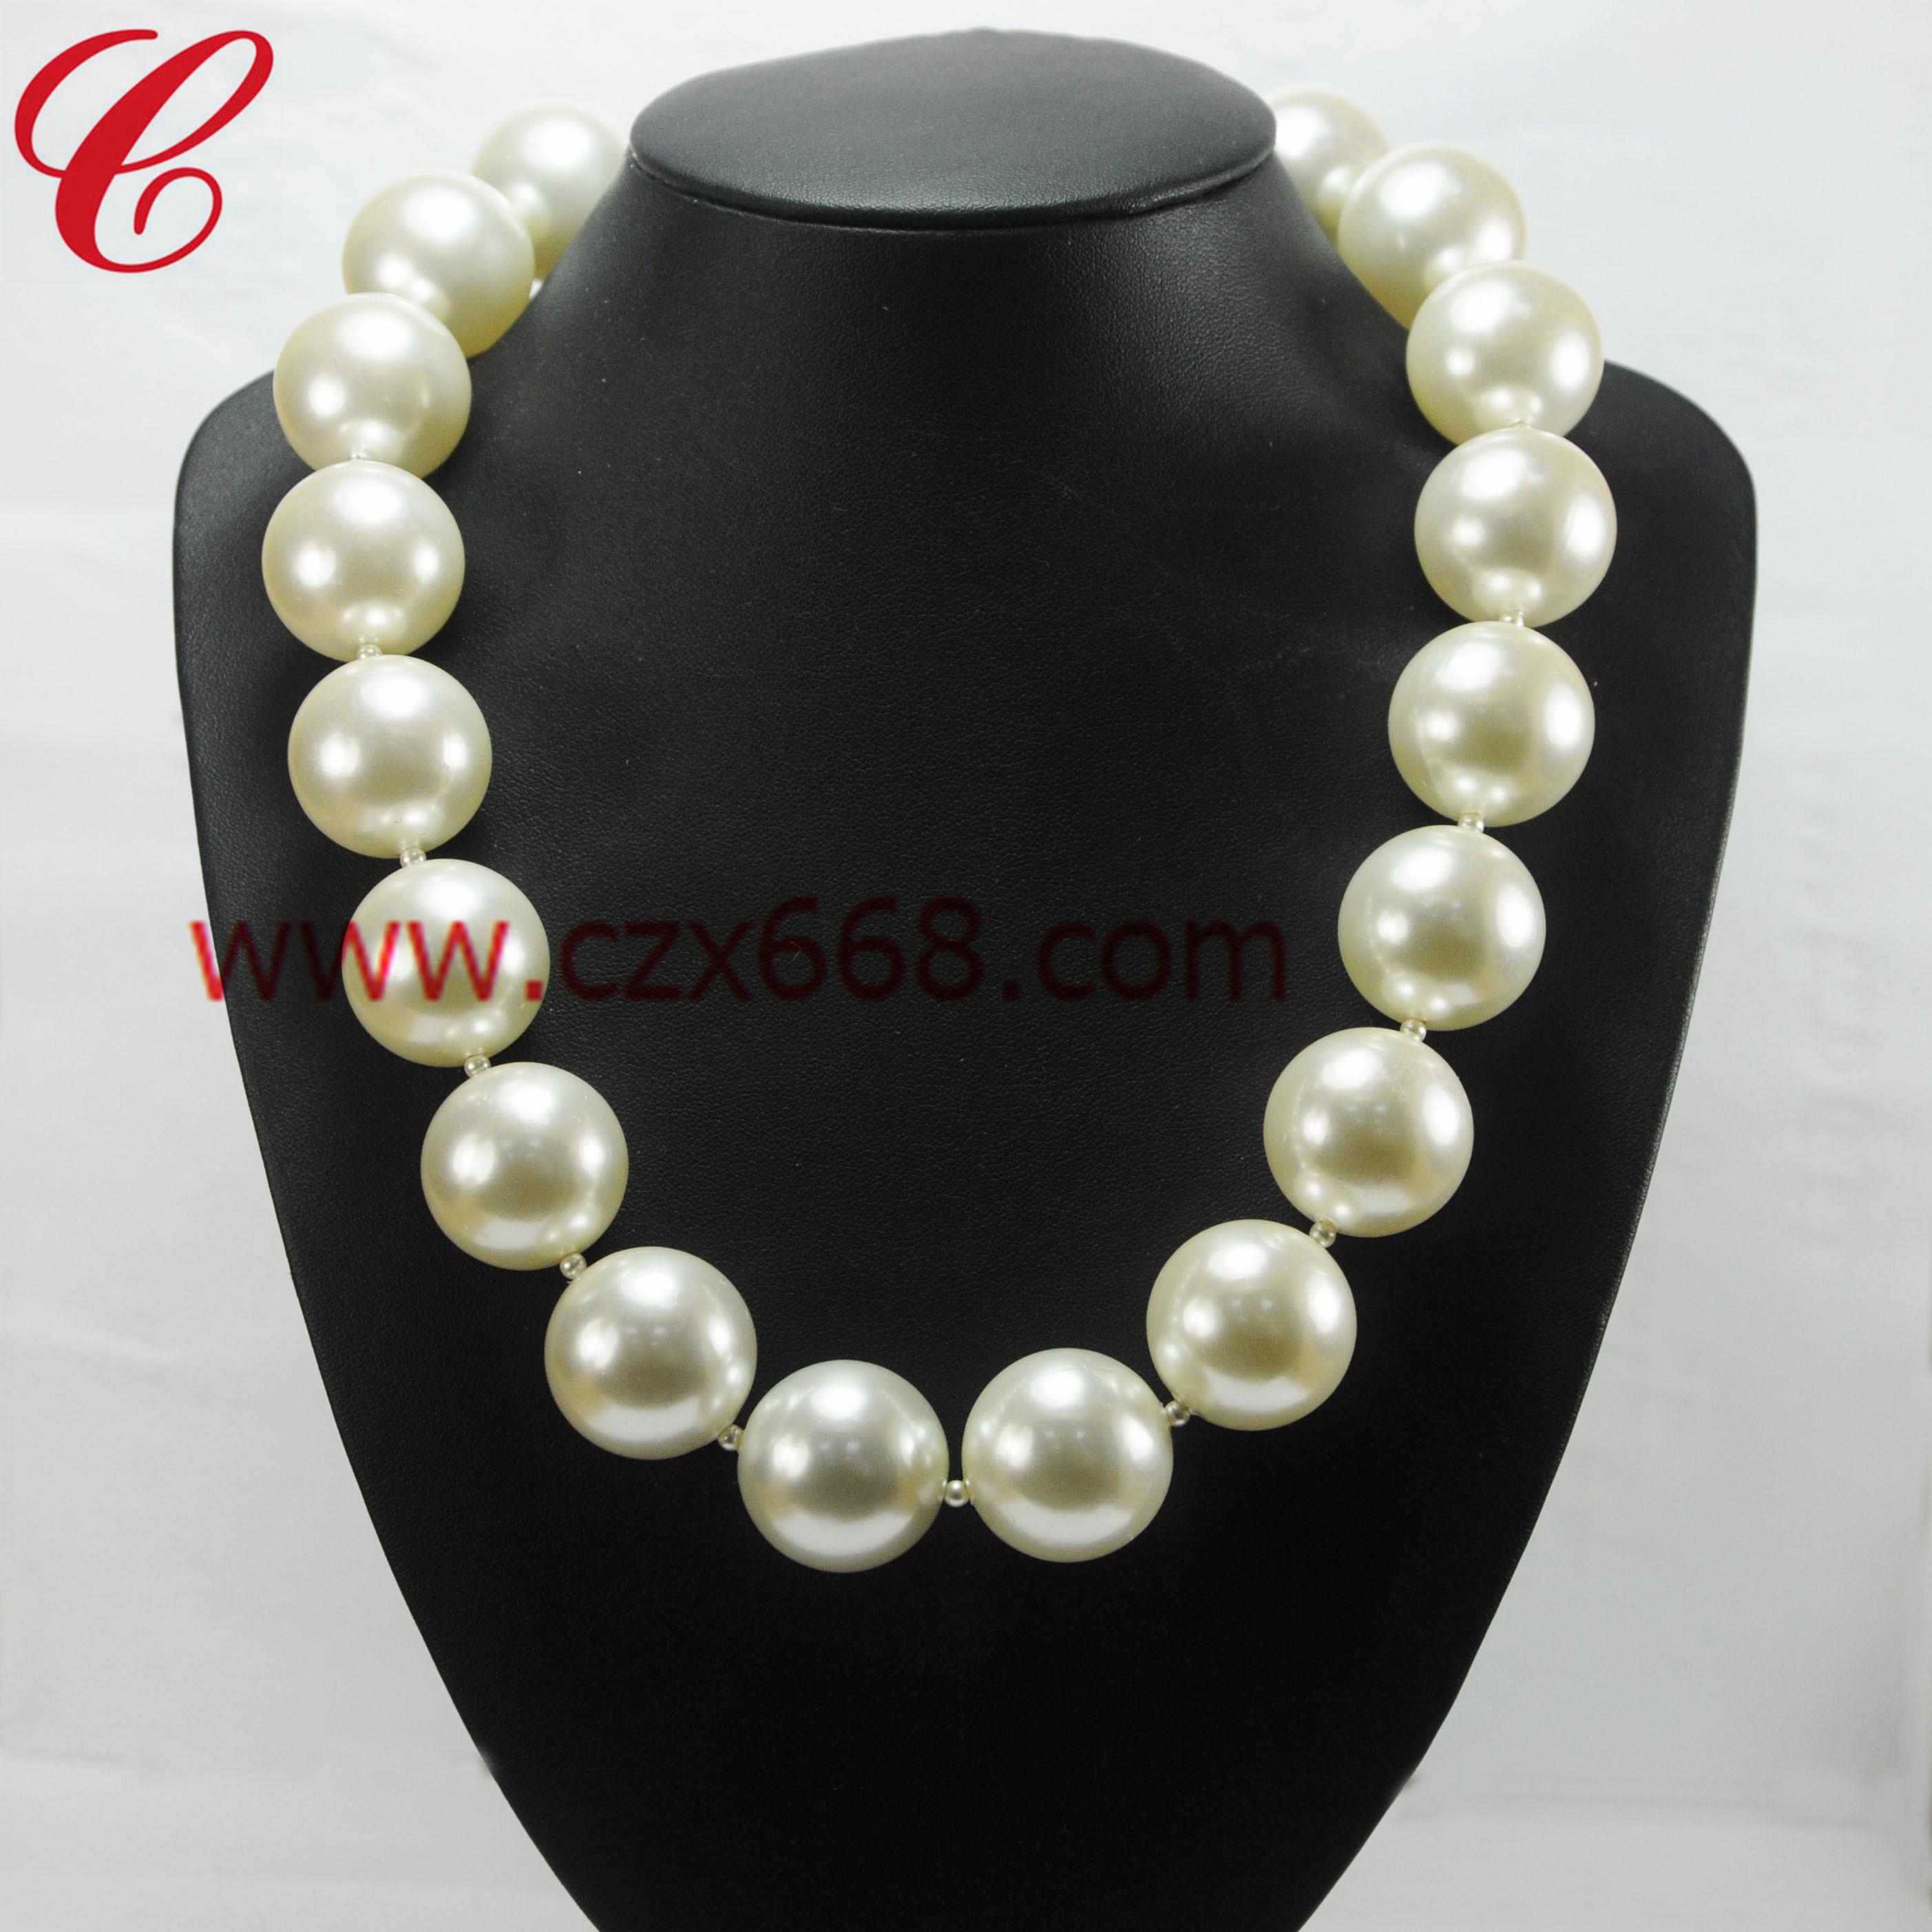 仿珍珠饰品项链-22